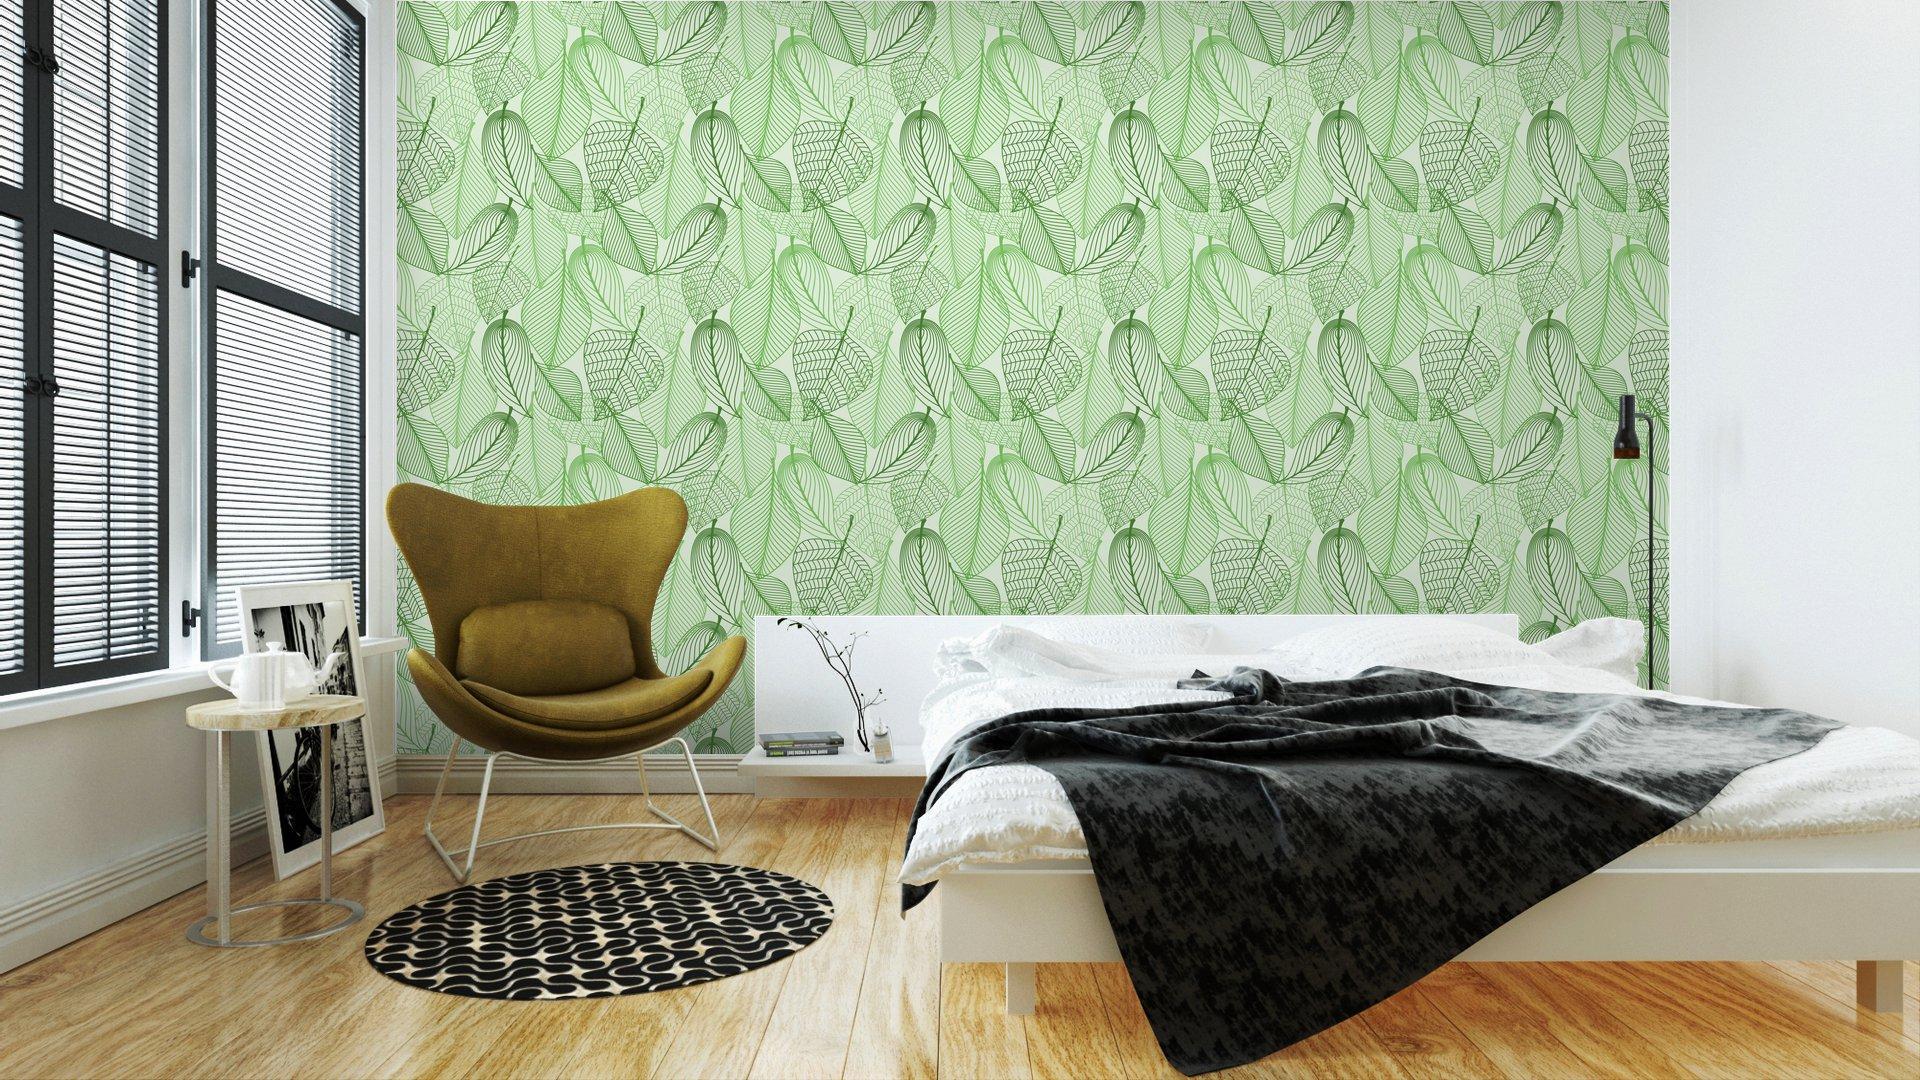 Fotomurales mexico papeles pintados lavables el verde deja el fondo sin patron 3 - Papel Tapiz Patrón Hojas Verdes en Fondo Blanco 02